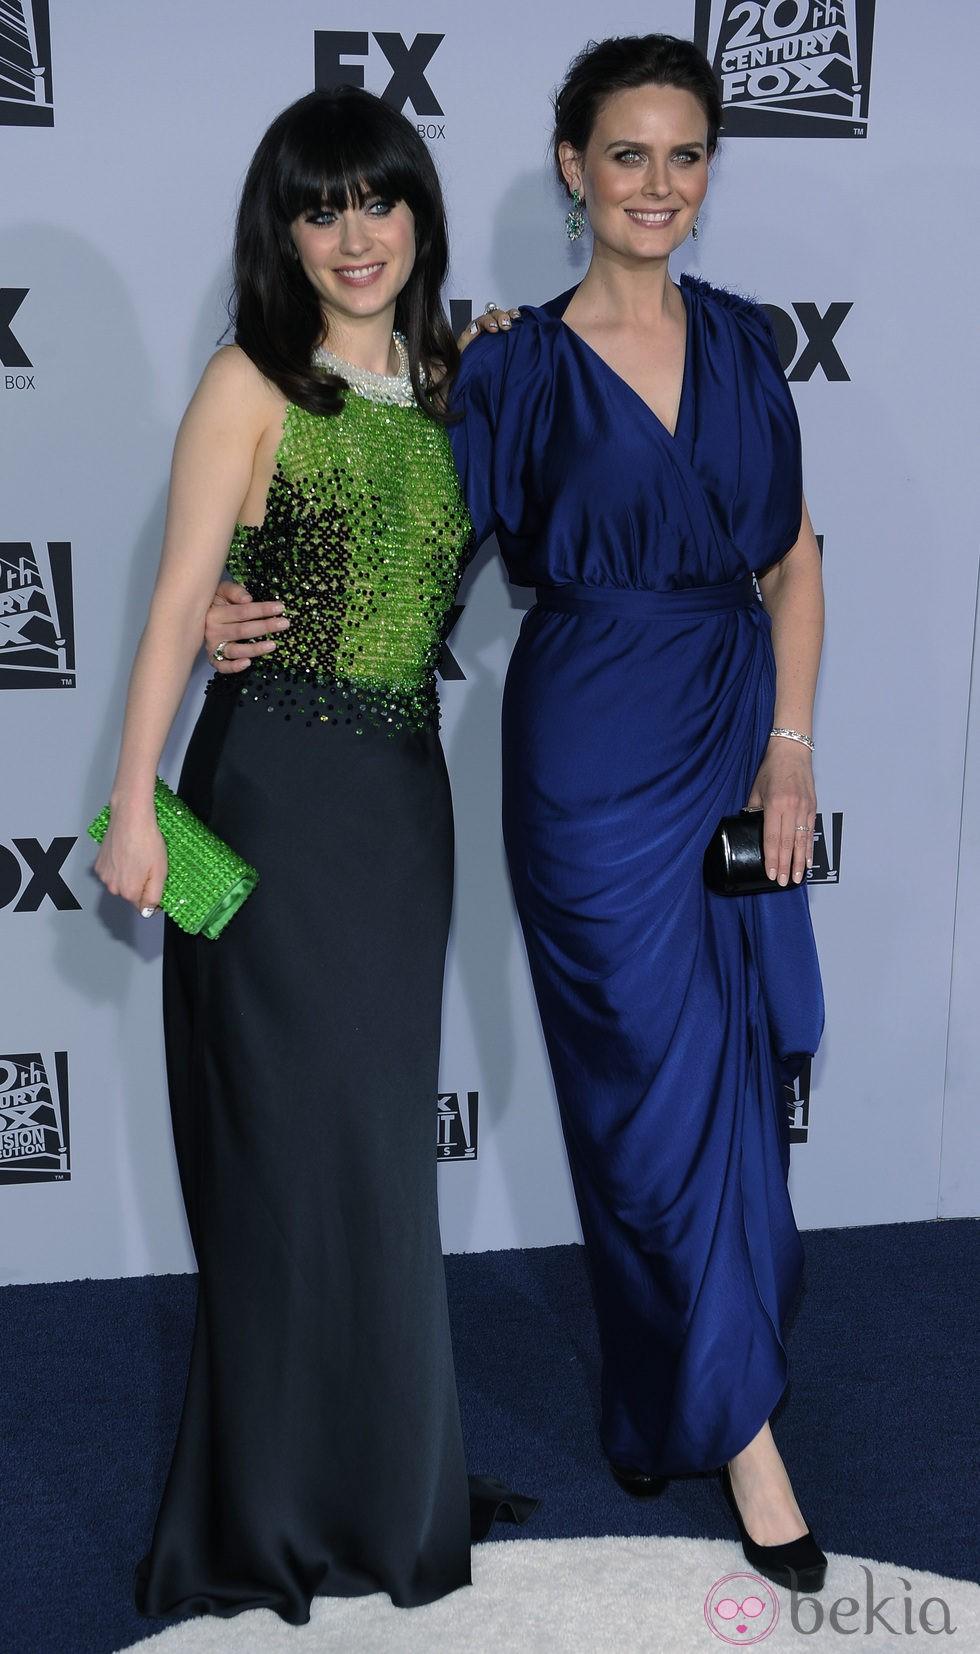 Zooey Deschanel y Emily Deschanel en la fiesta Fox tras los Globos de Oro 2012